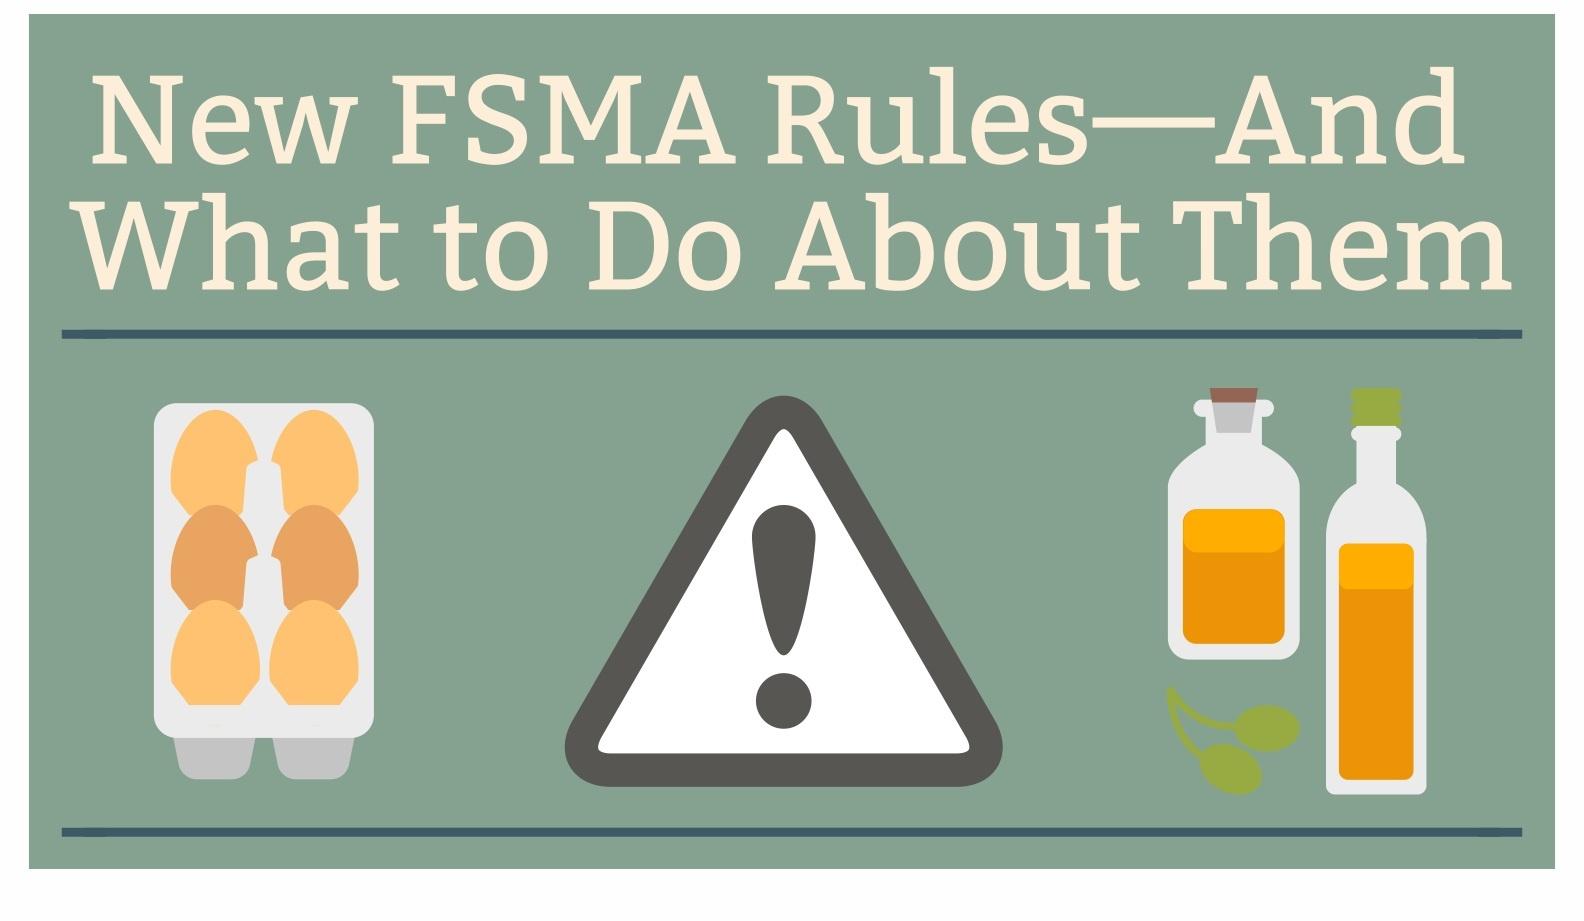 New FSMA Regulations